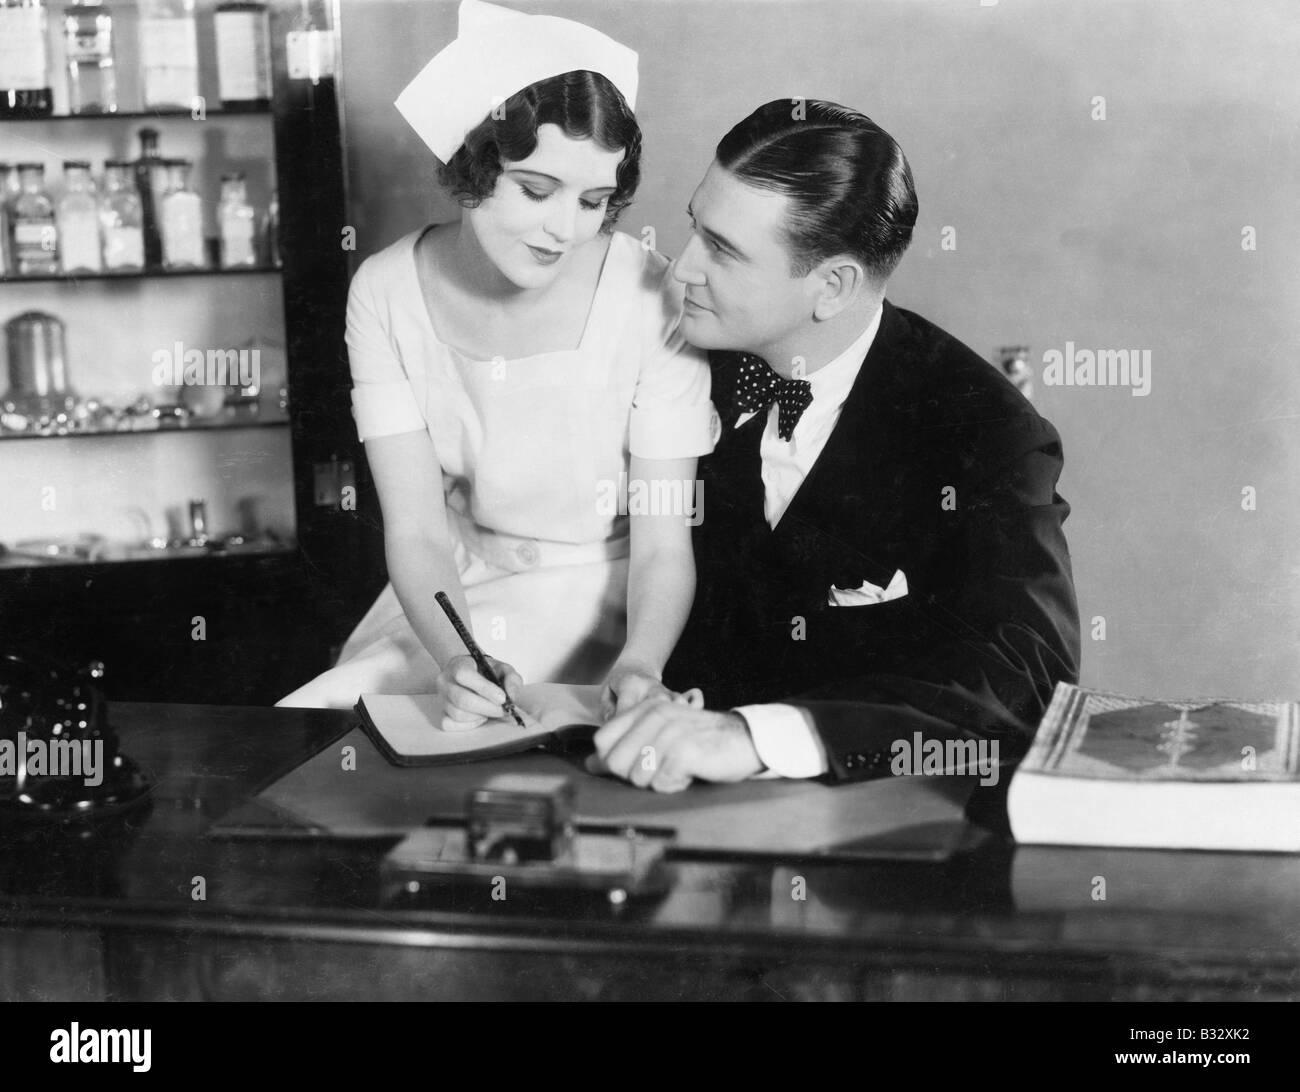 Enfermera sentada en el regazo del médico Foto de stock